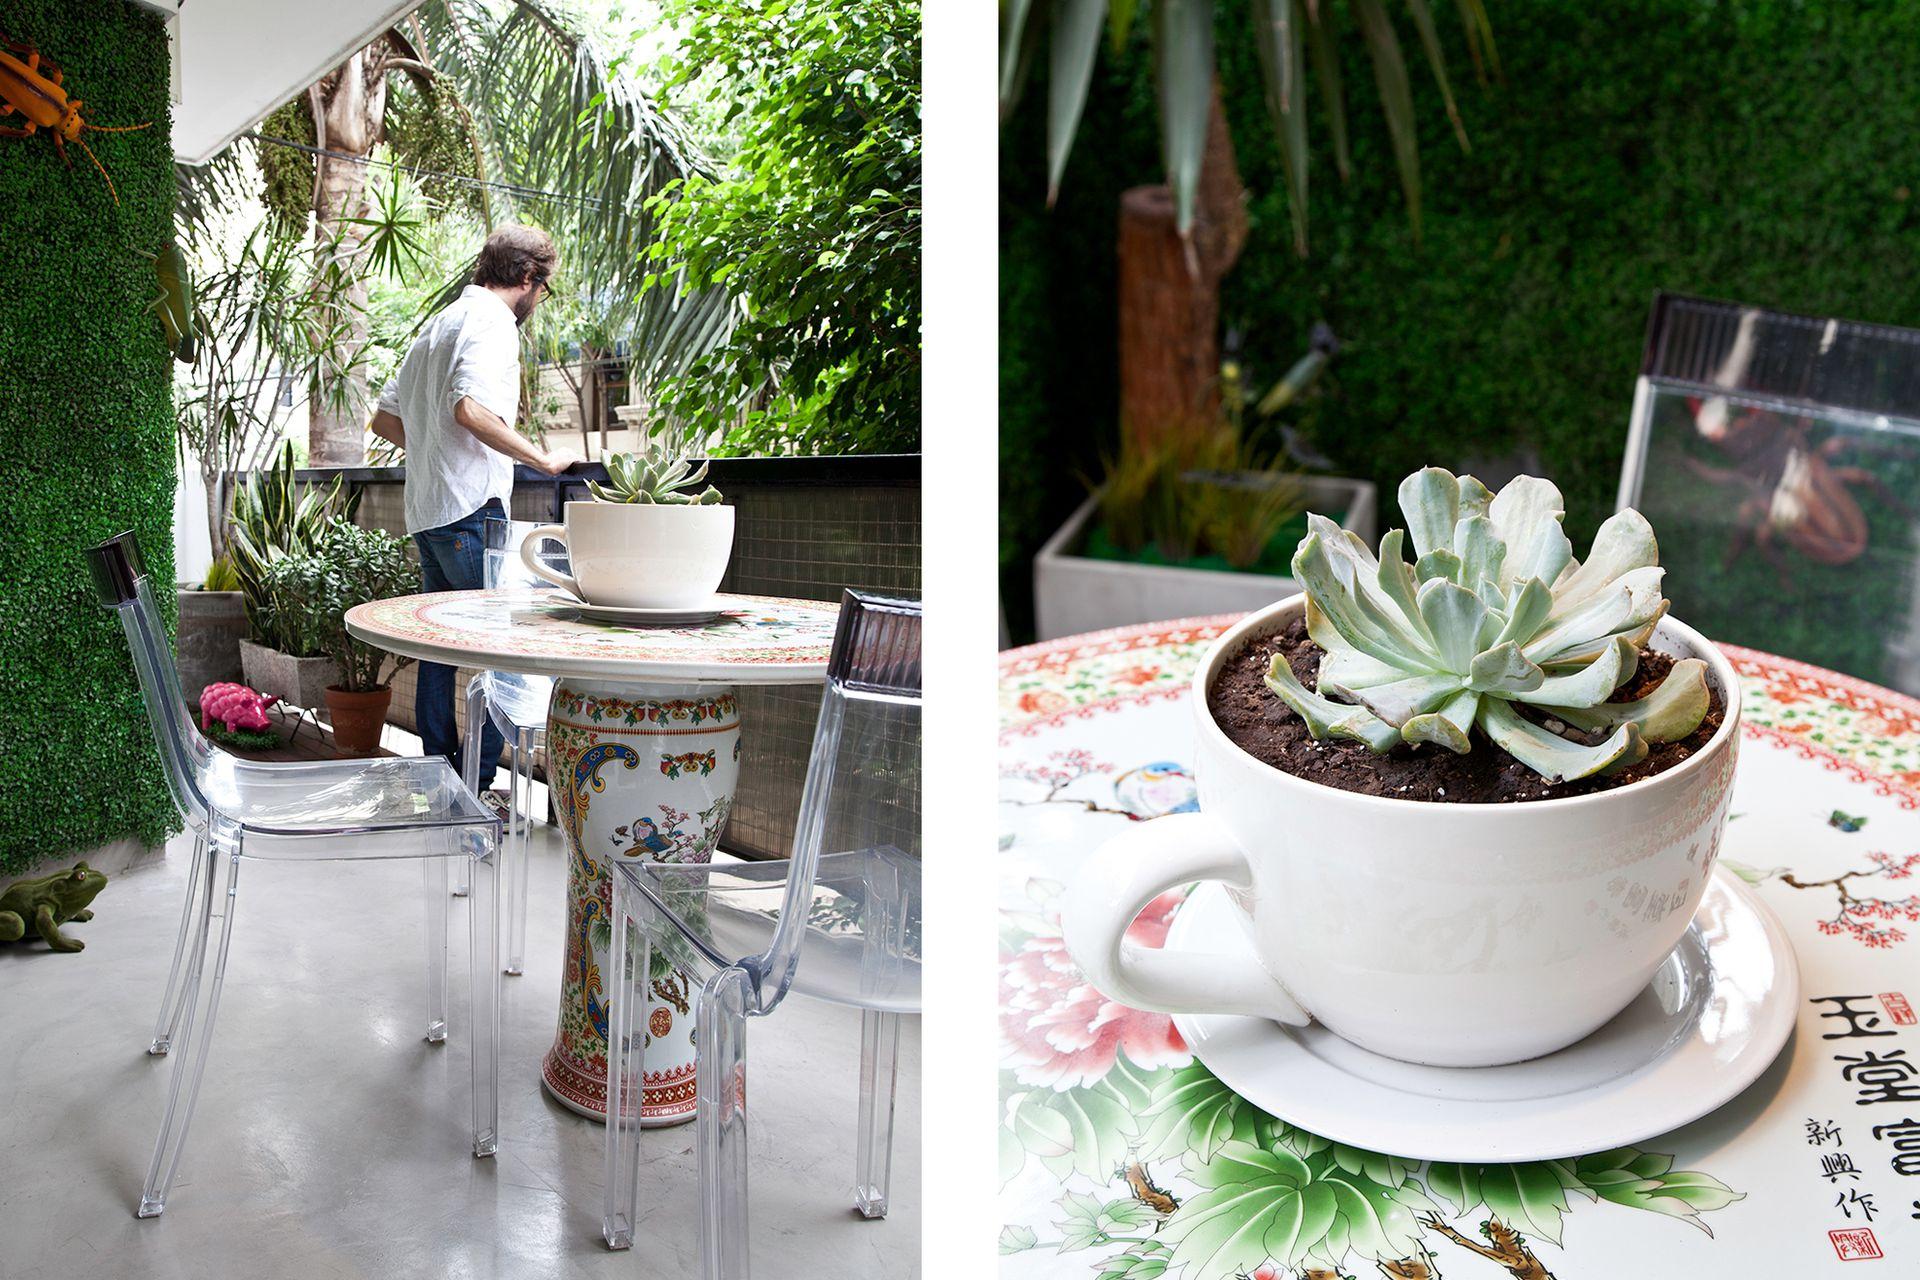 Como centro de mesa, Cristian colocó un tazón que compró en un local de Palermo: era floreado y lo mandó a esmaltar en blanco.